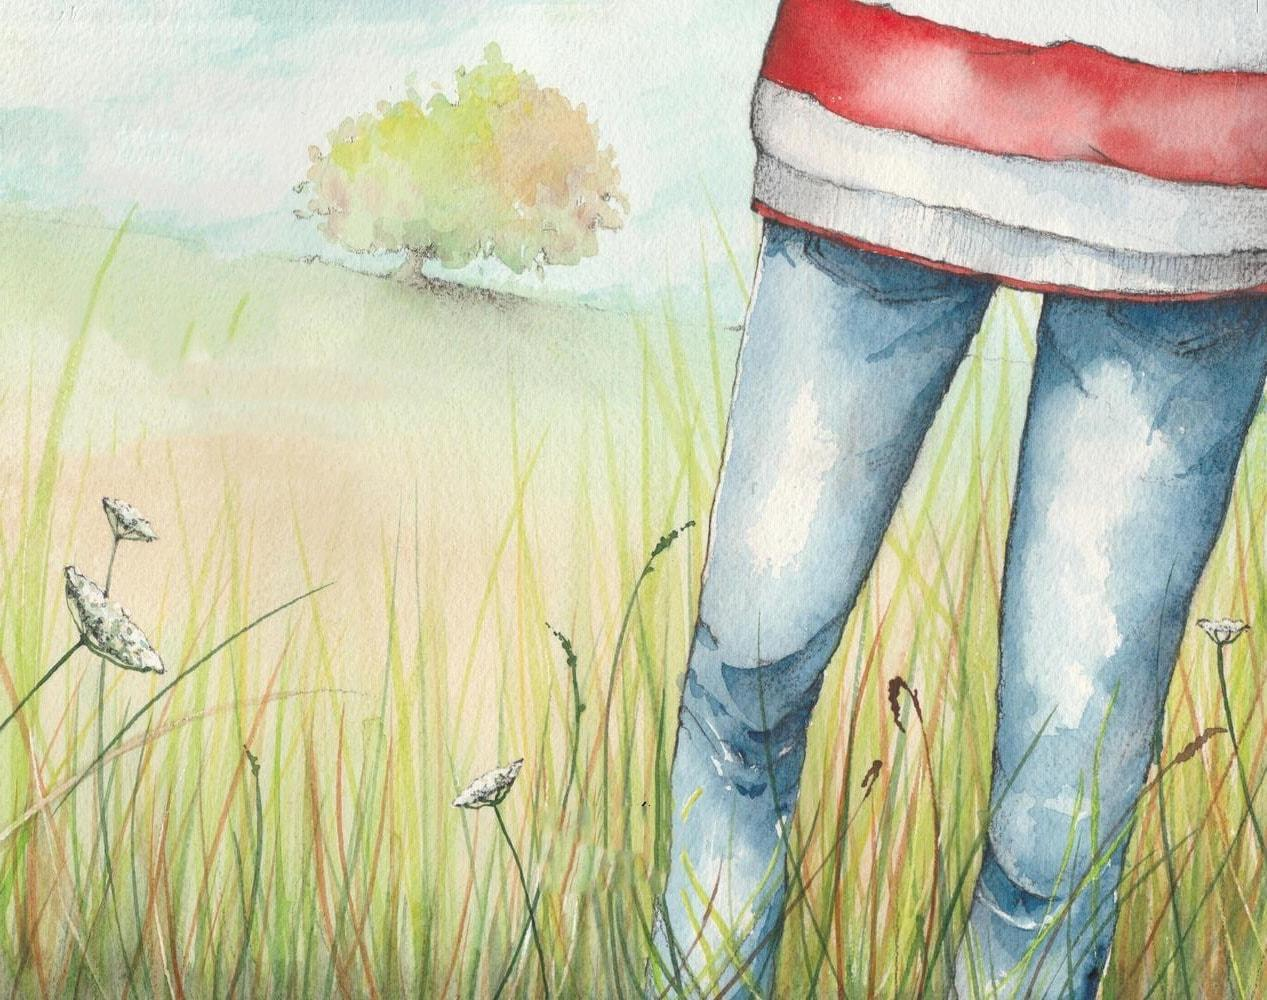 Unicità: una sana difesa per riaprirsi all'Amore | Dipendiamo.blog